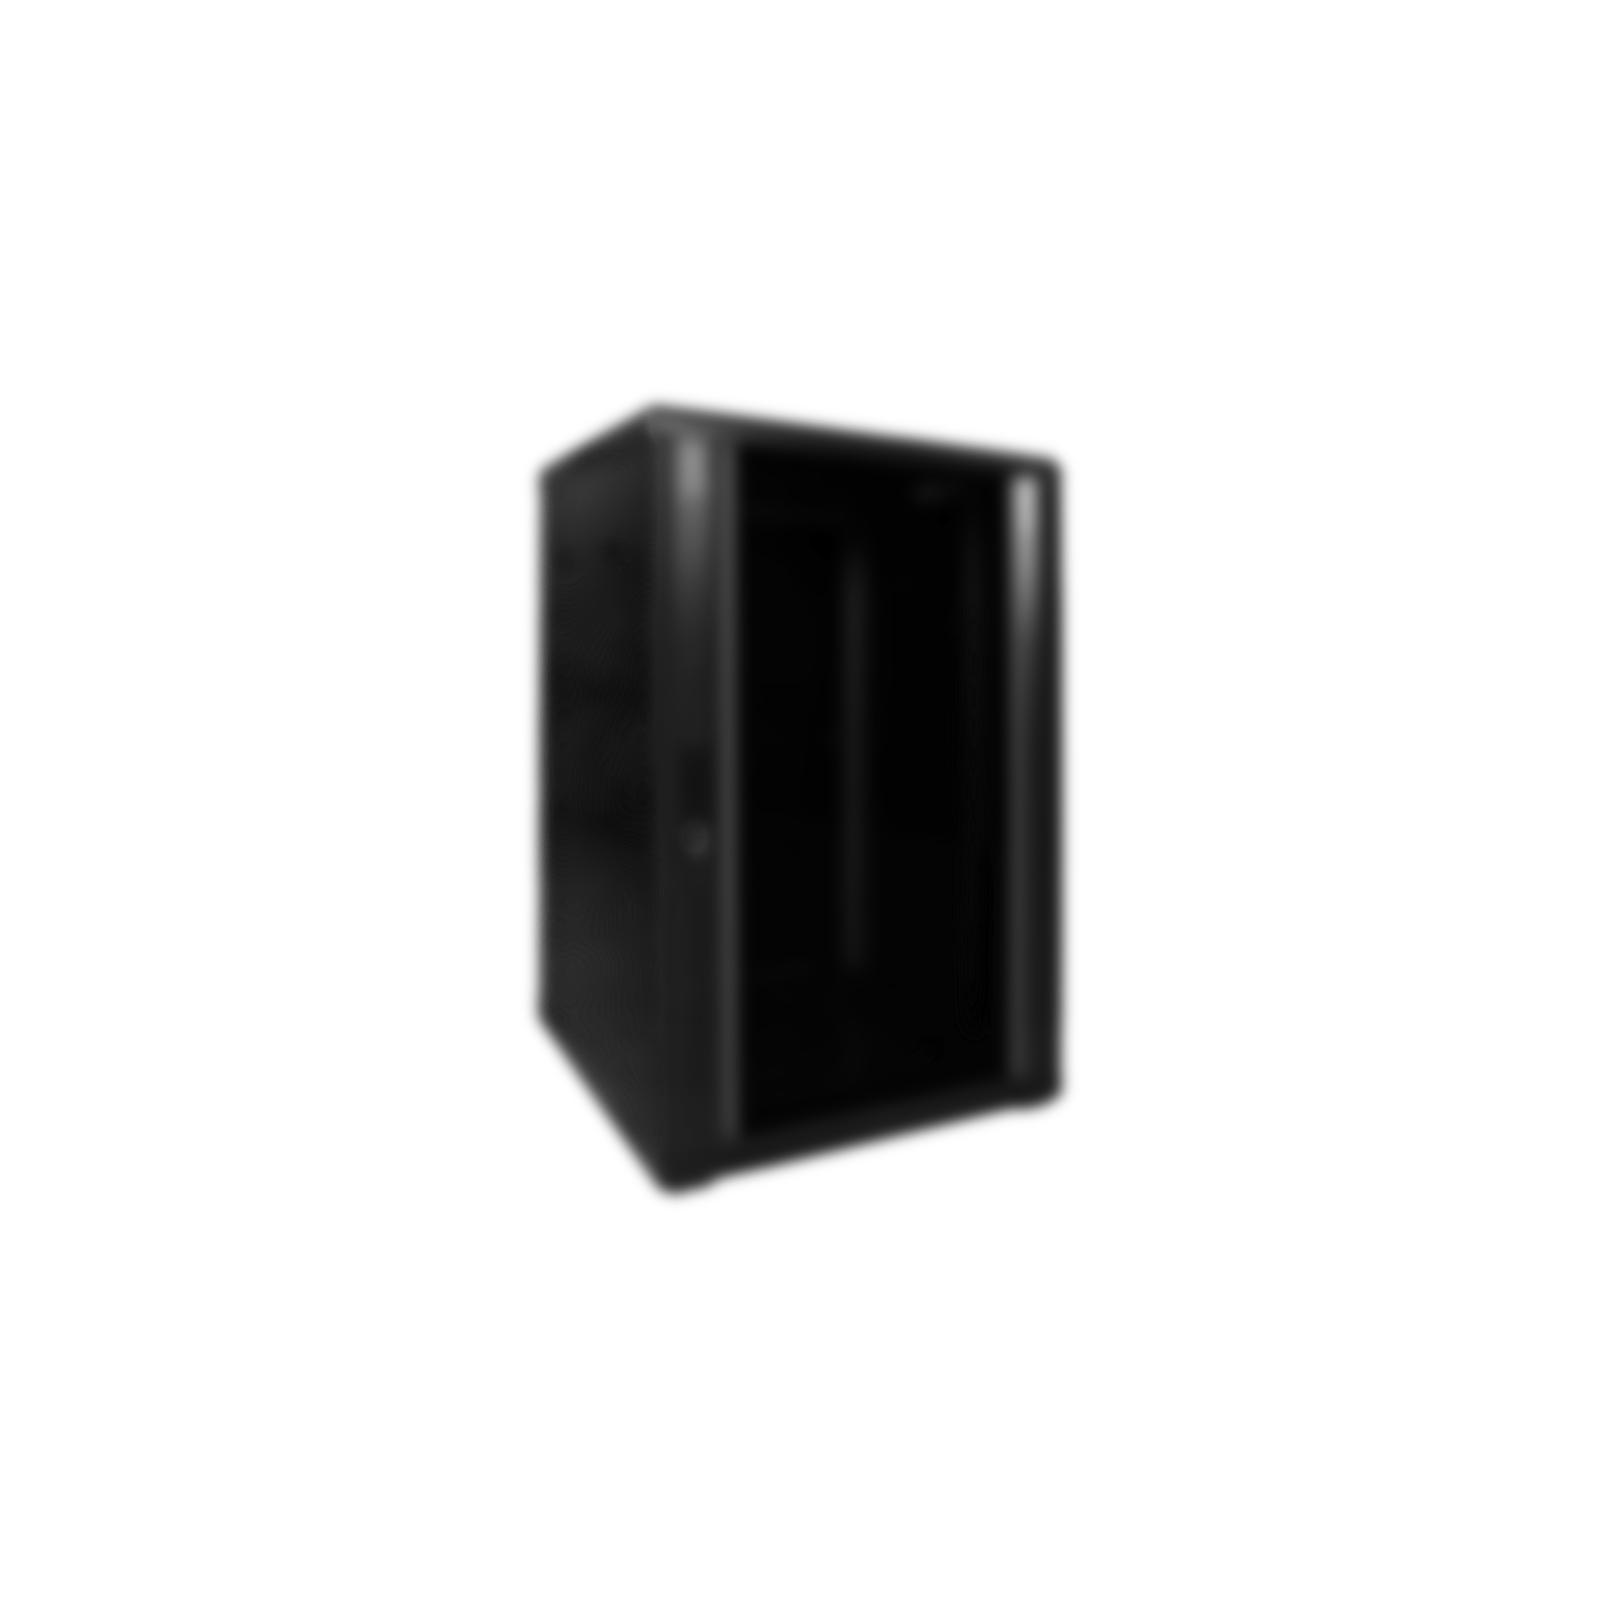 Afbeelding van 19 inch afdekpaneel - 6U